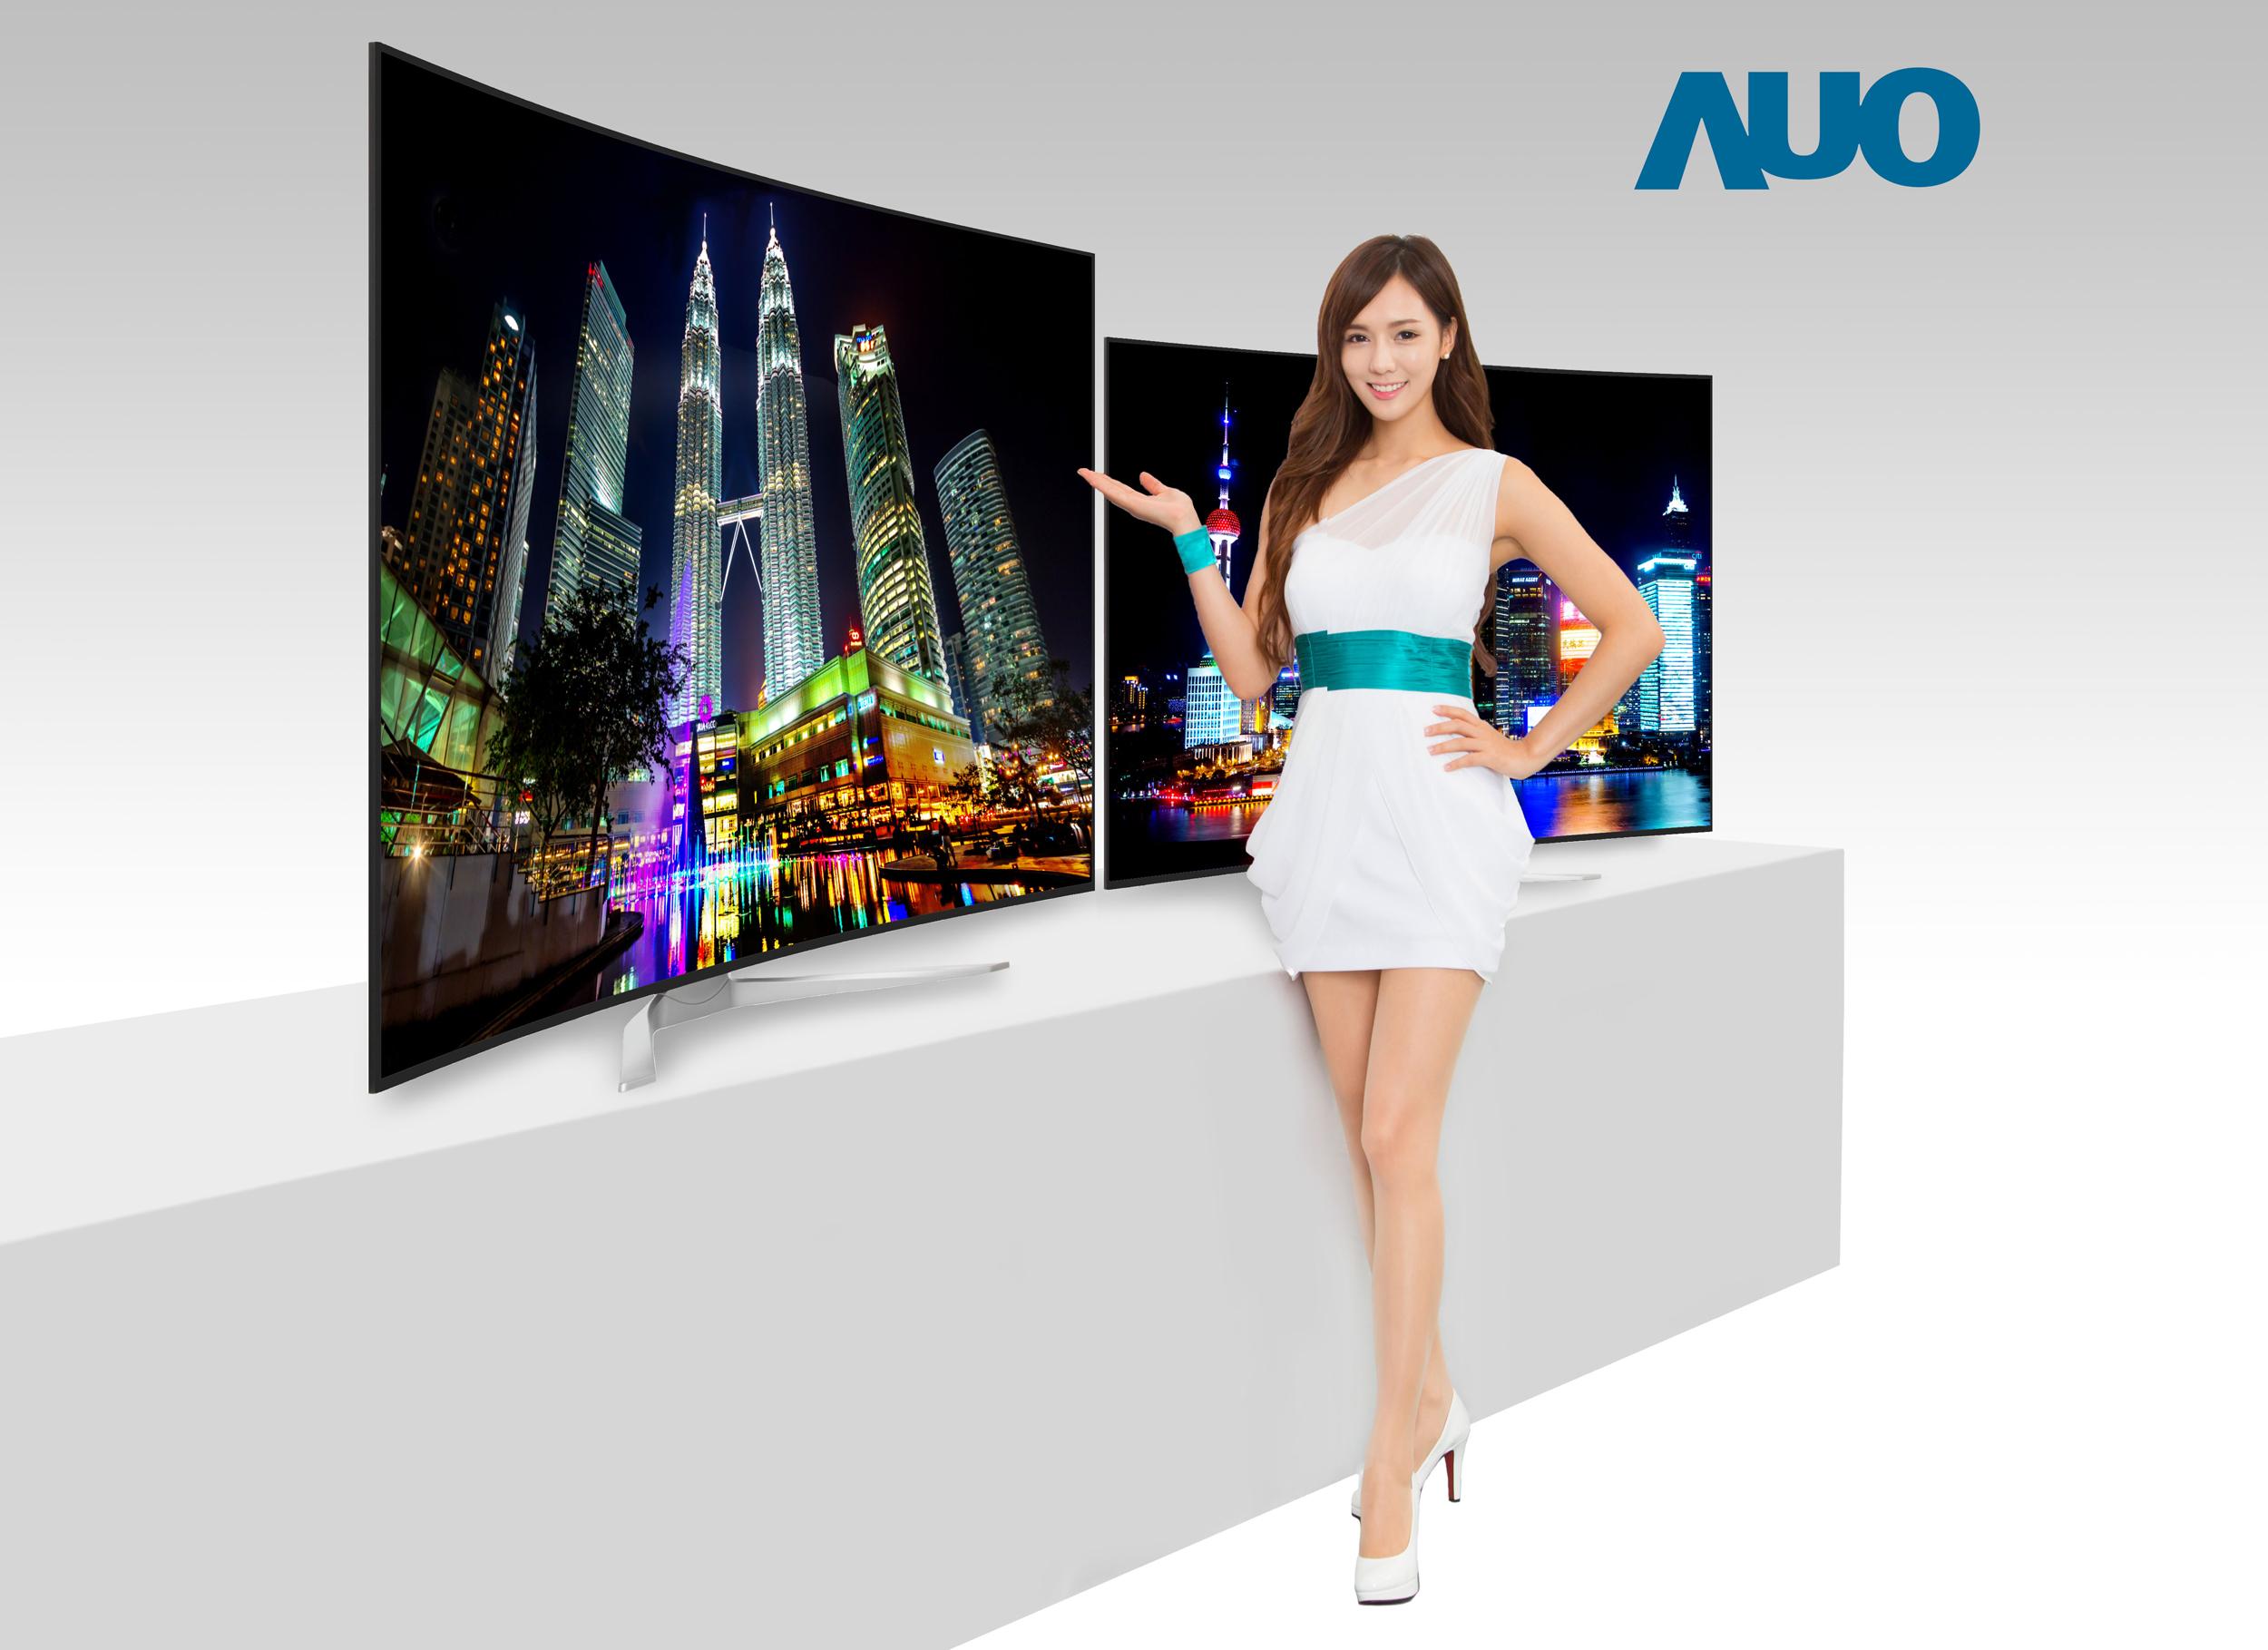 Displays: 120 Hz für Notebooks, weniger Rand für Smartphones und TVs -